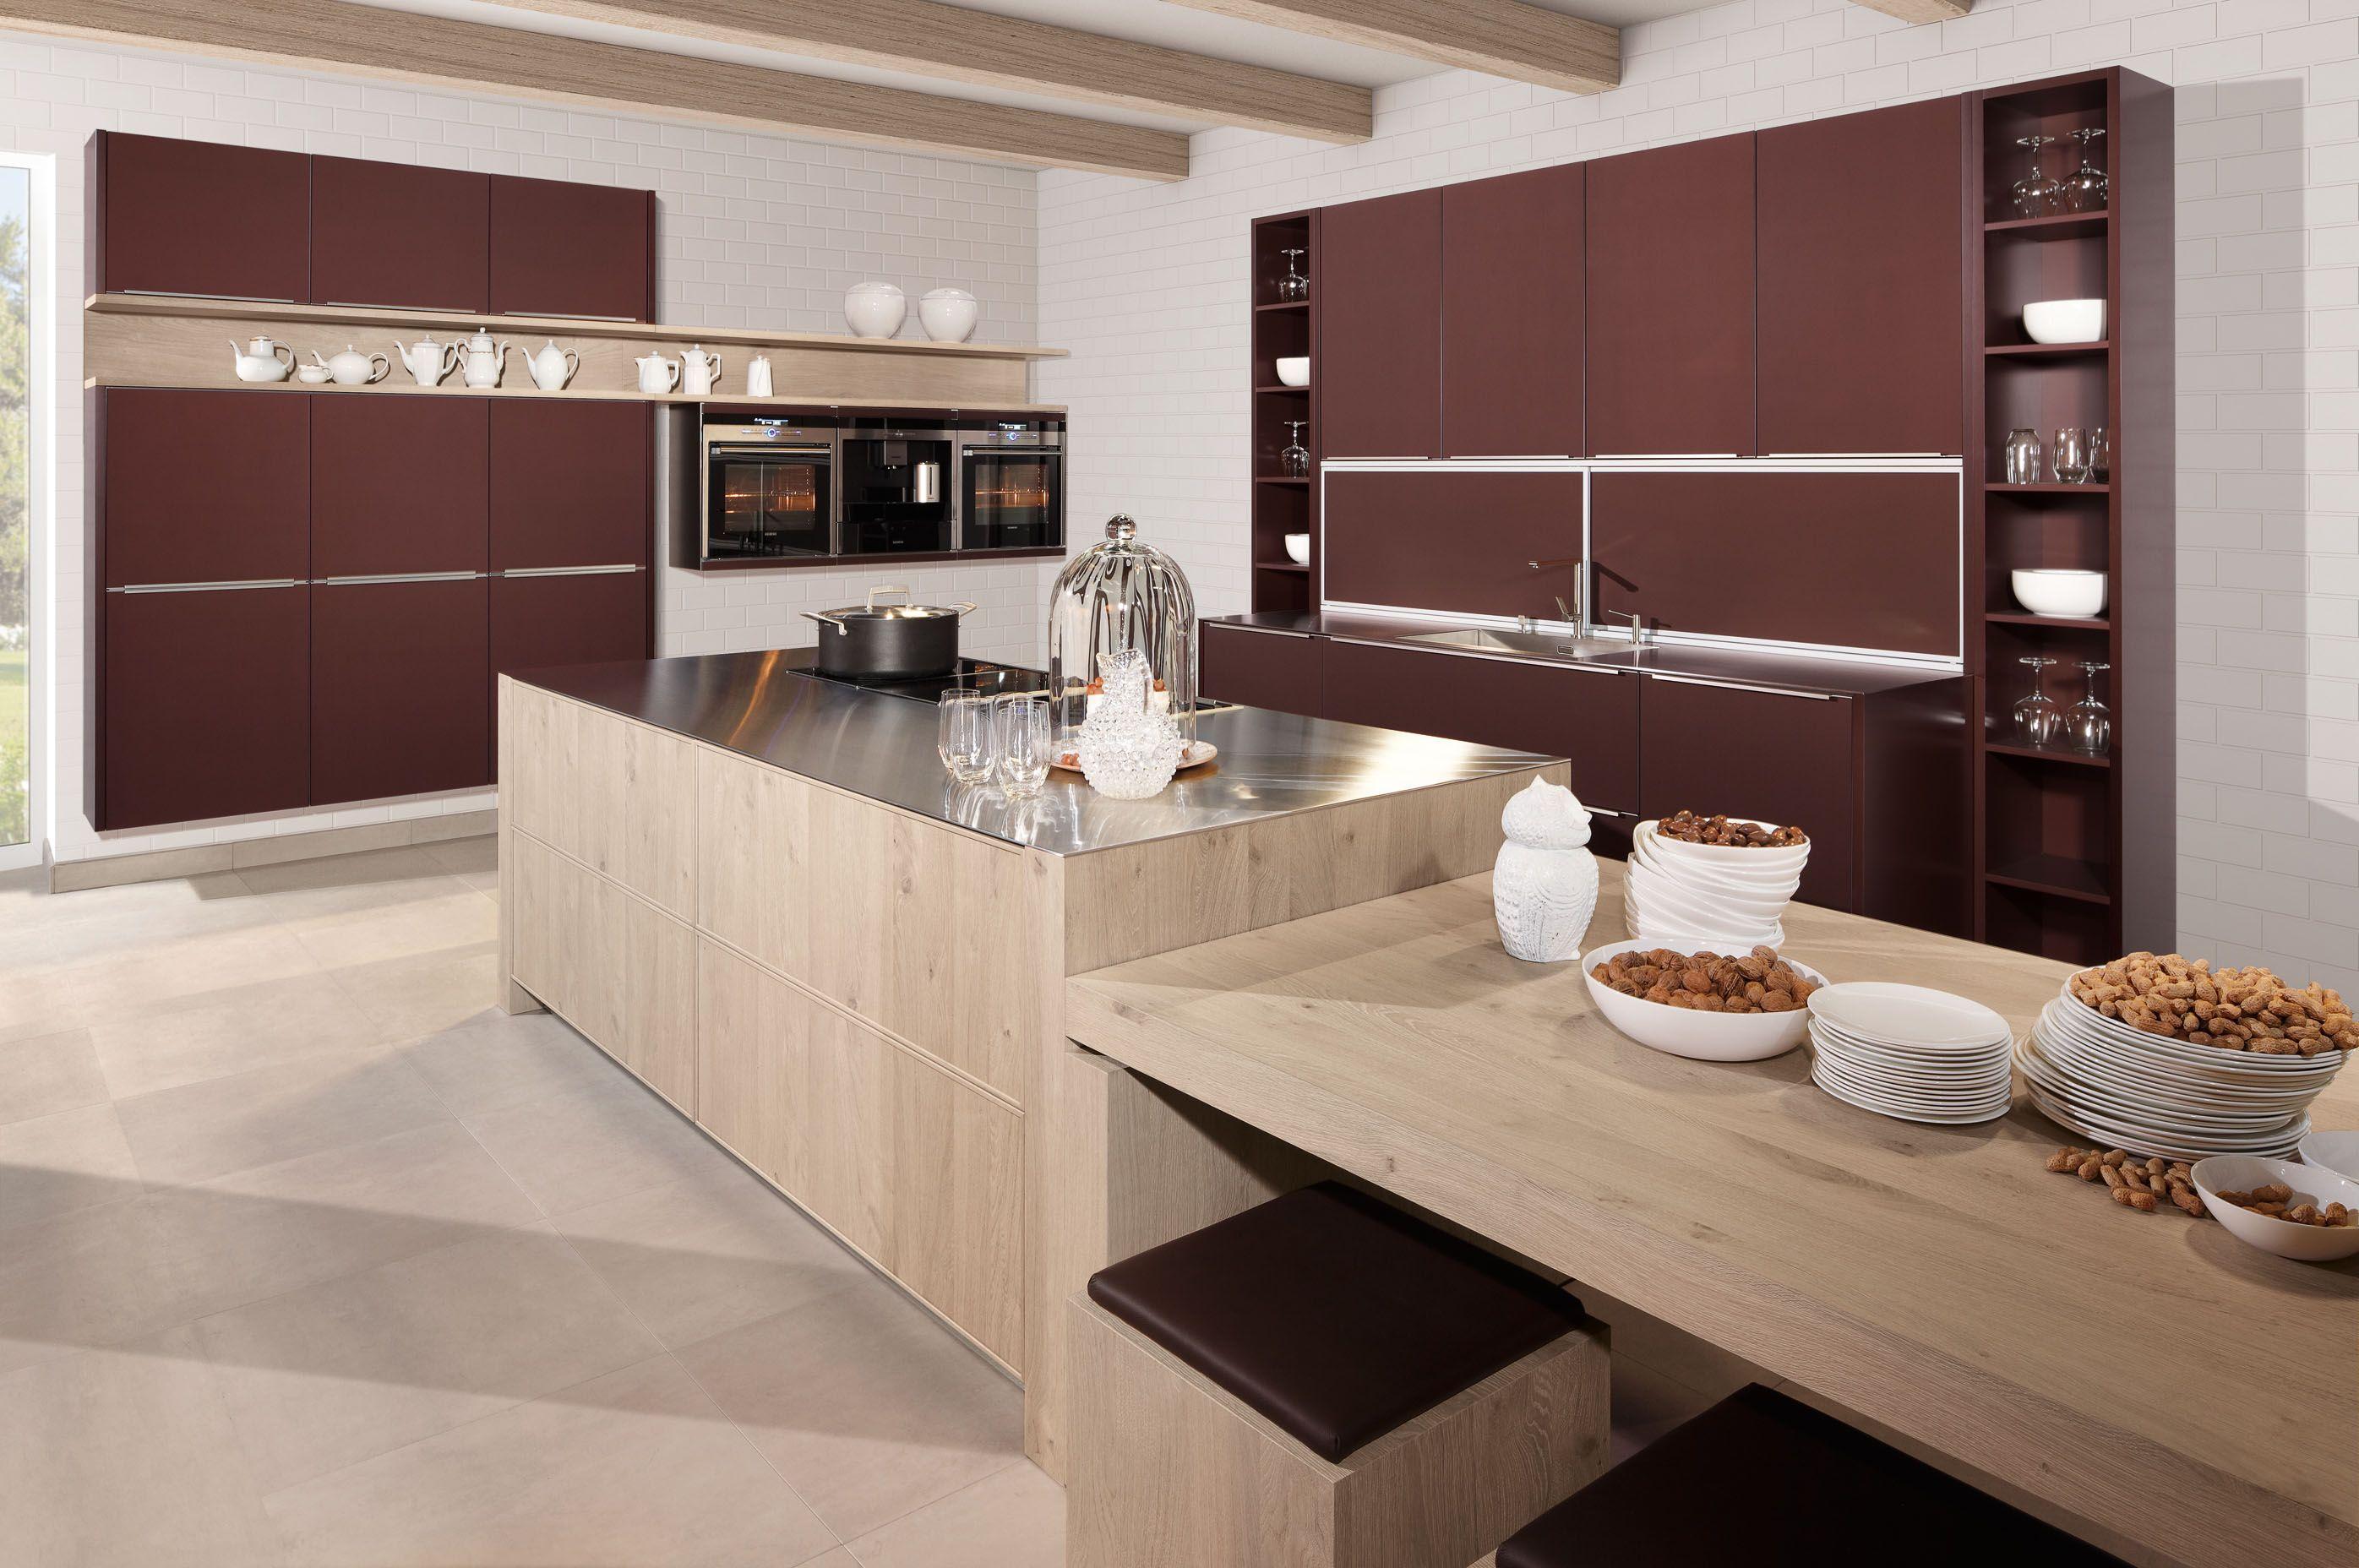 De voordeligste woonwinkel van nederland grote zeyko eilandkeuken met - Ingerichte keuken met geintegreerde tafel ...